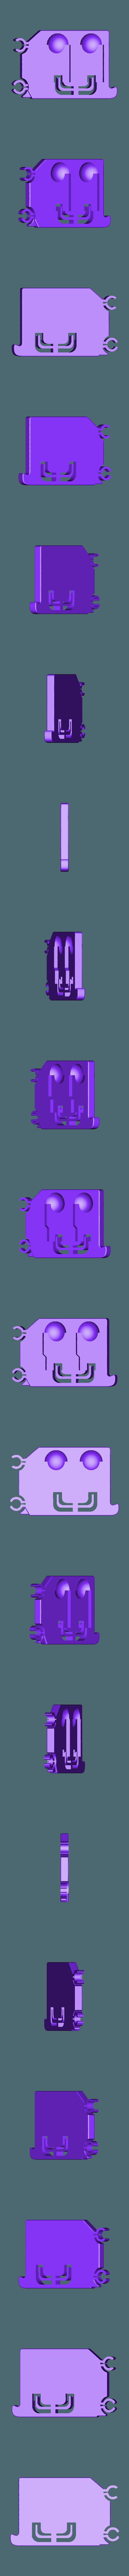 micro_SD_V2_UP.stl Télécharger fichier STL gratuit Support SD et micro SD 1-10 éléments • Plan pour impression 3D, WaterLemon